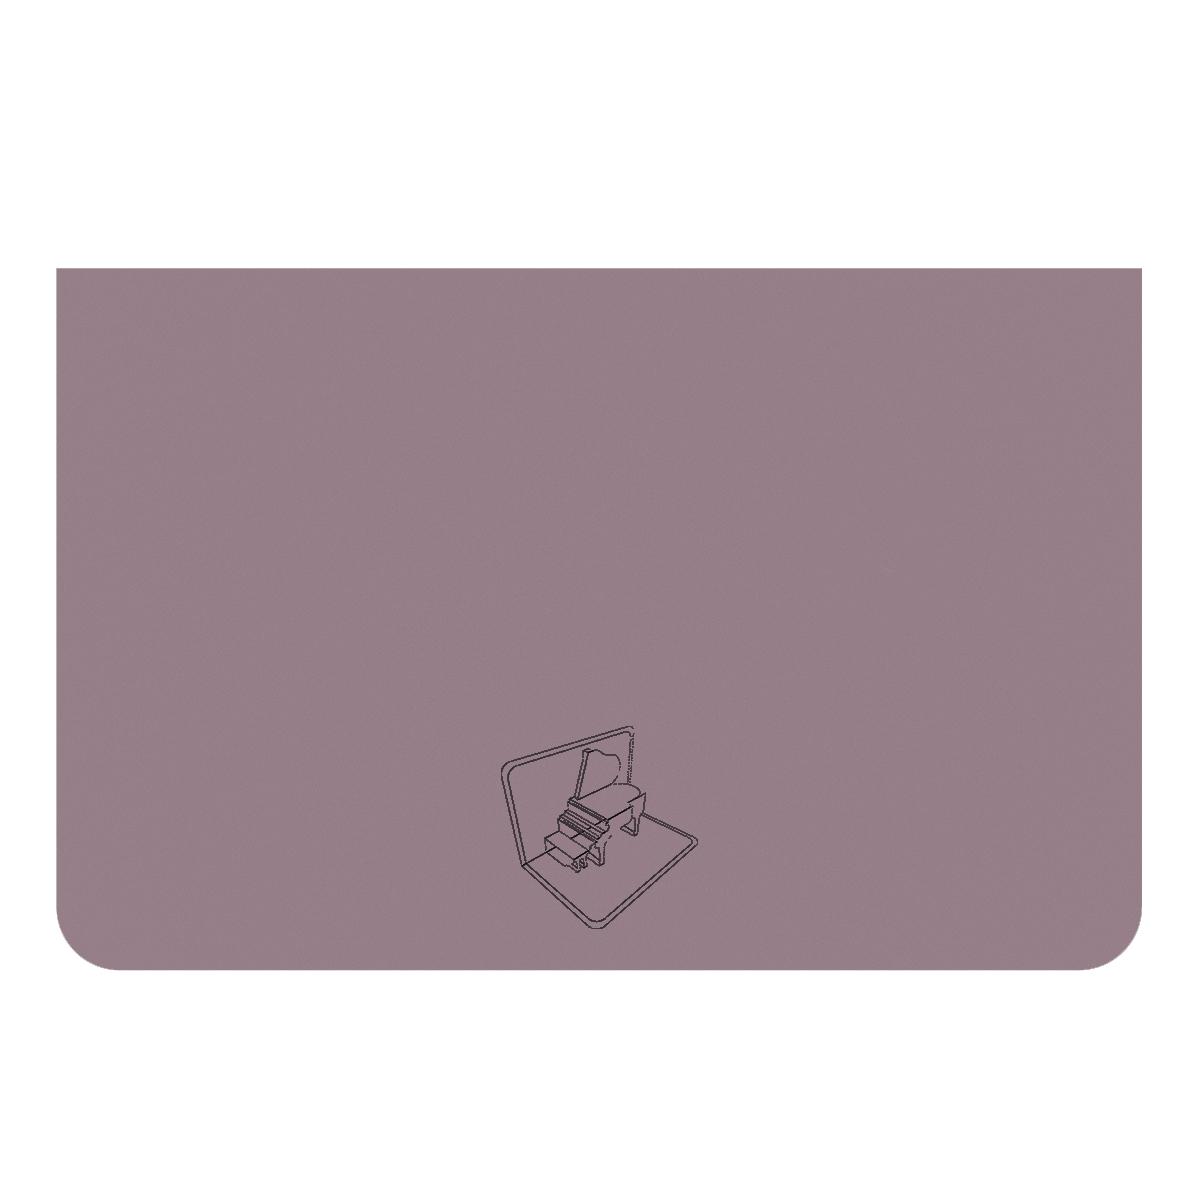 کارت پستال سه بعدی آلتین آی کد H4005